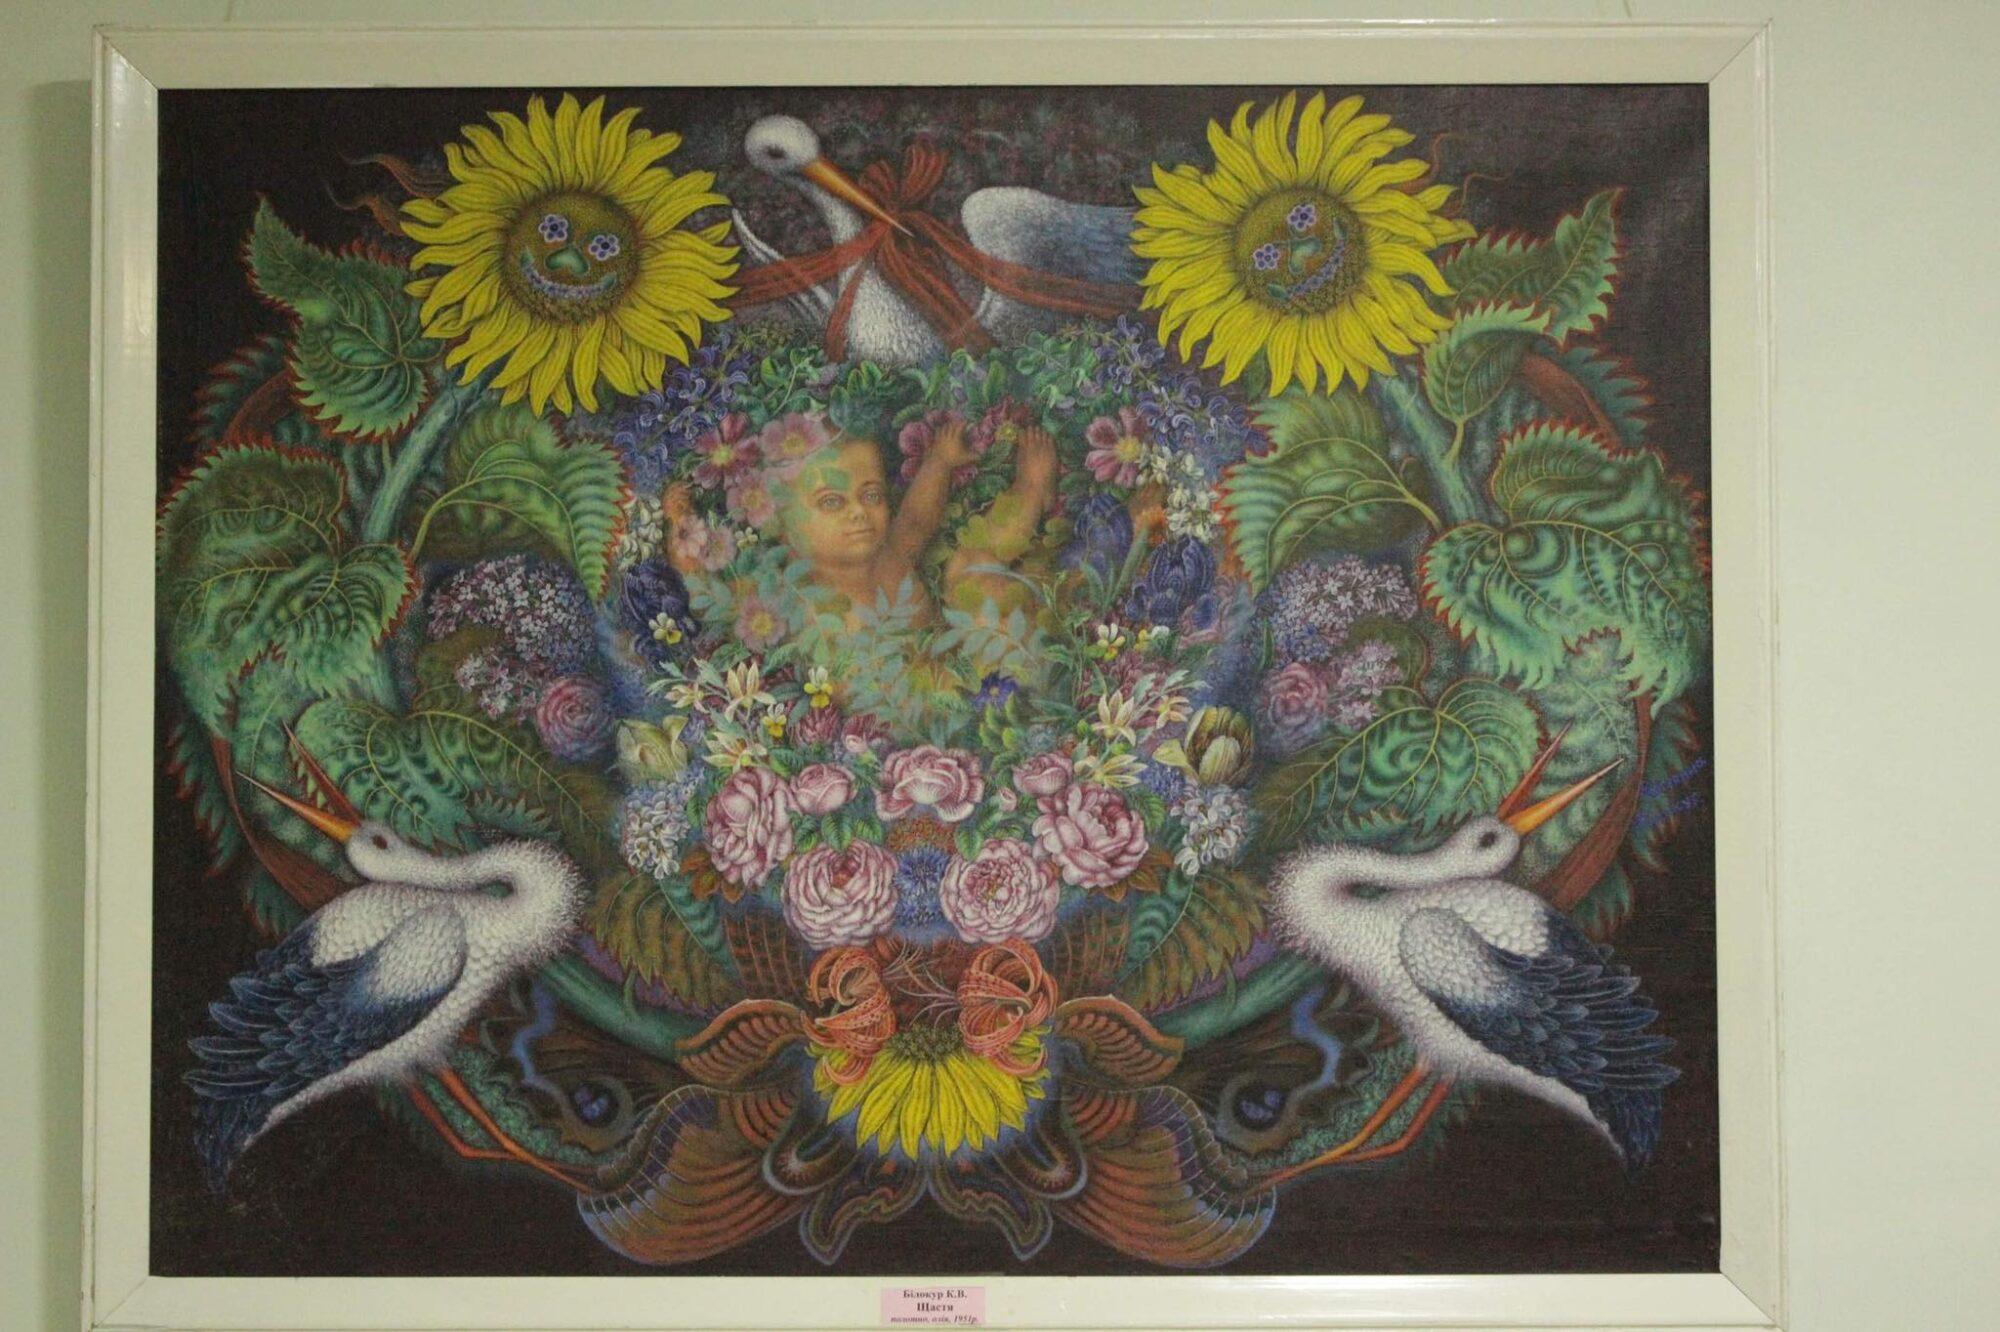 Нев'янучі квіти  Катерини Білокур - художниця, талант, національна культура, Катерина Білокур - Bilk kart 2000x1332